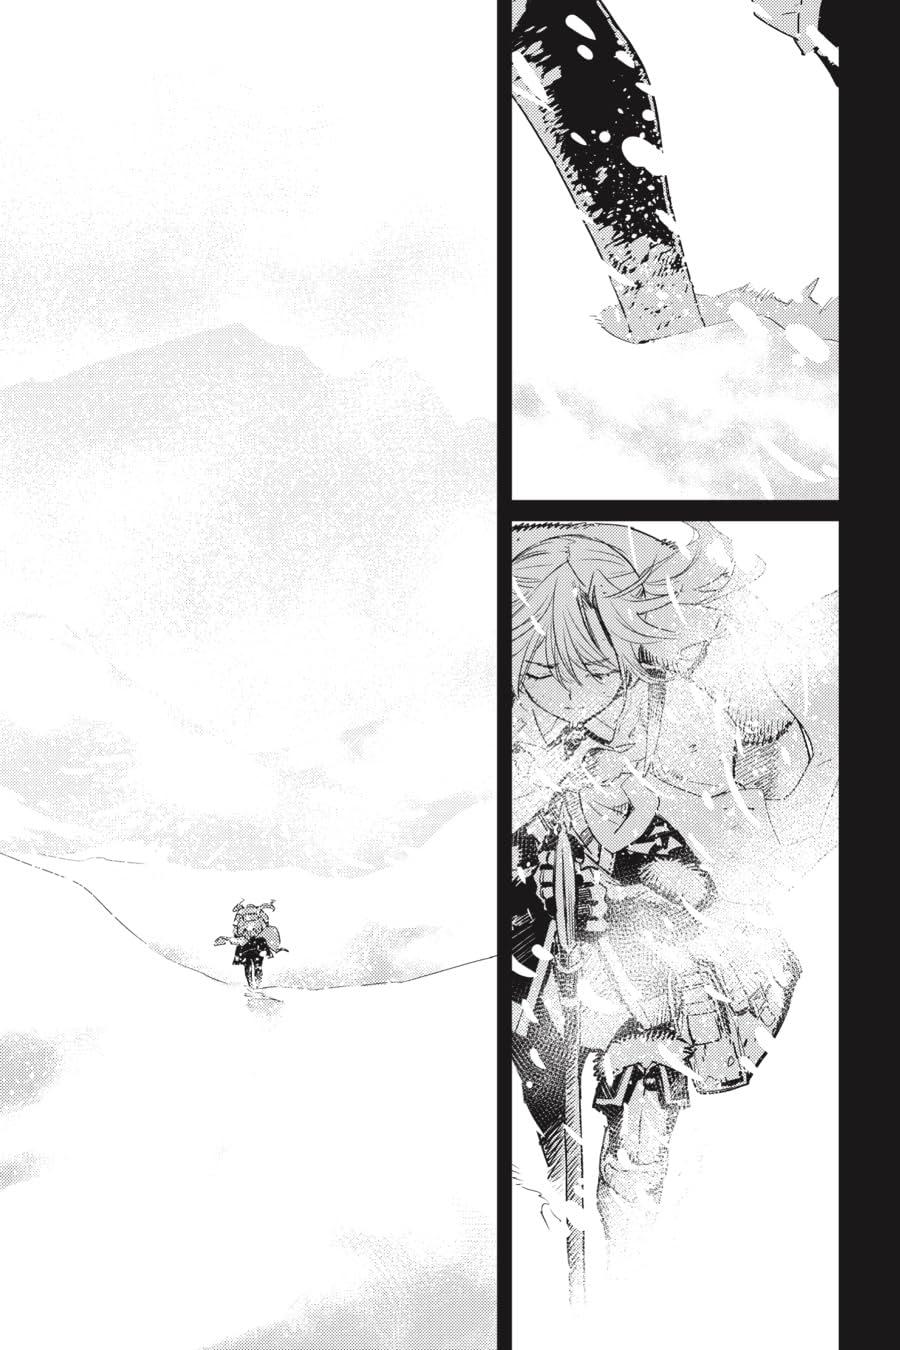 Goblin Slayer Vol. 10